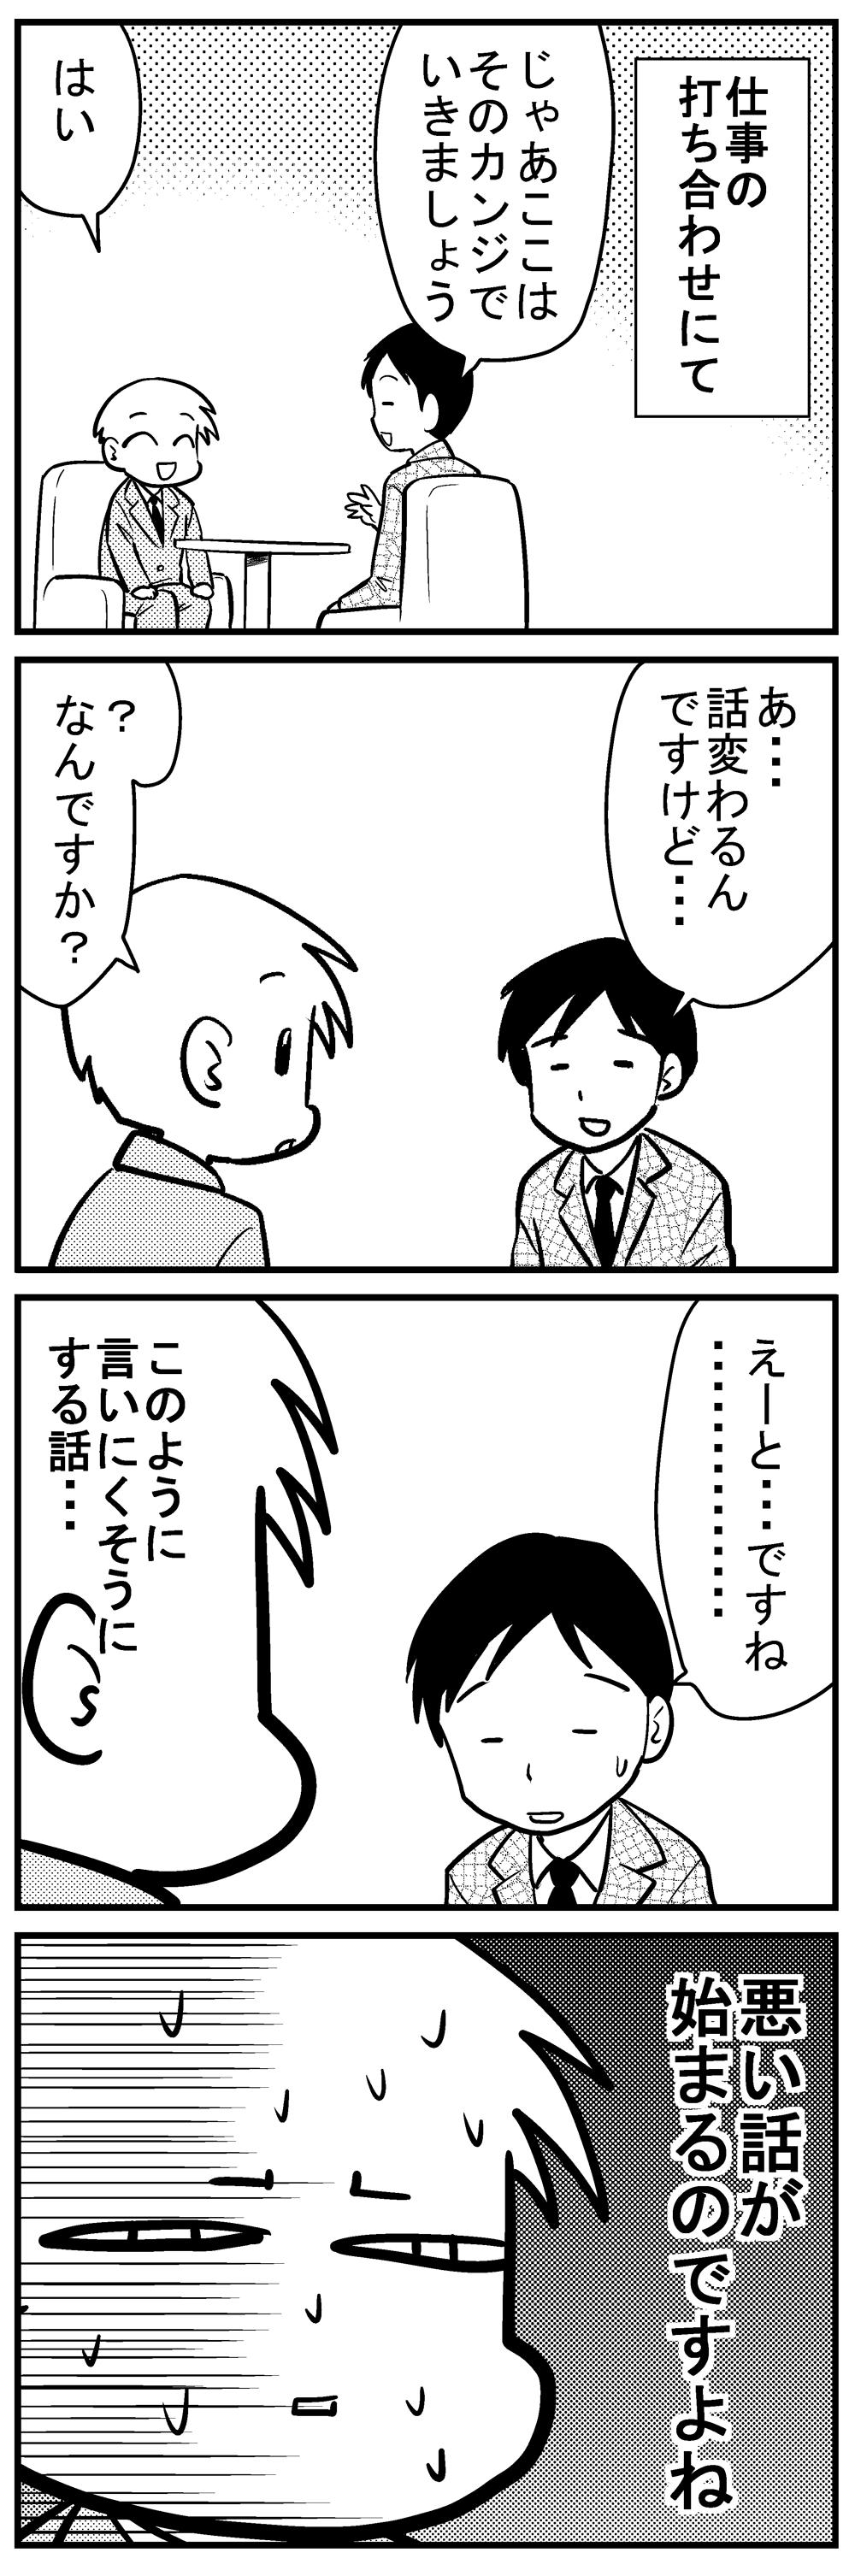 深読みくん56-1